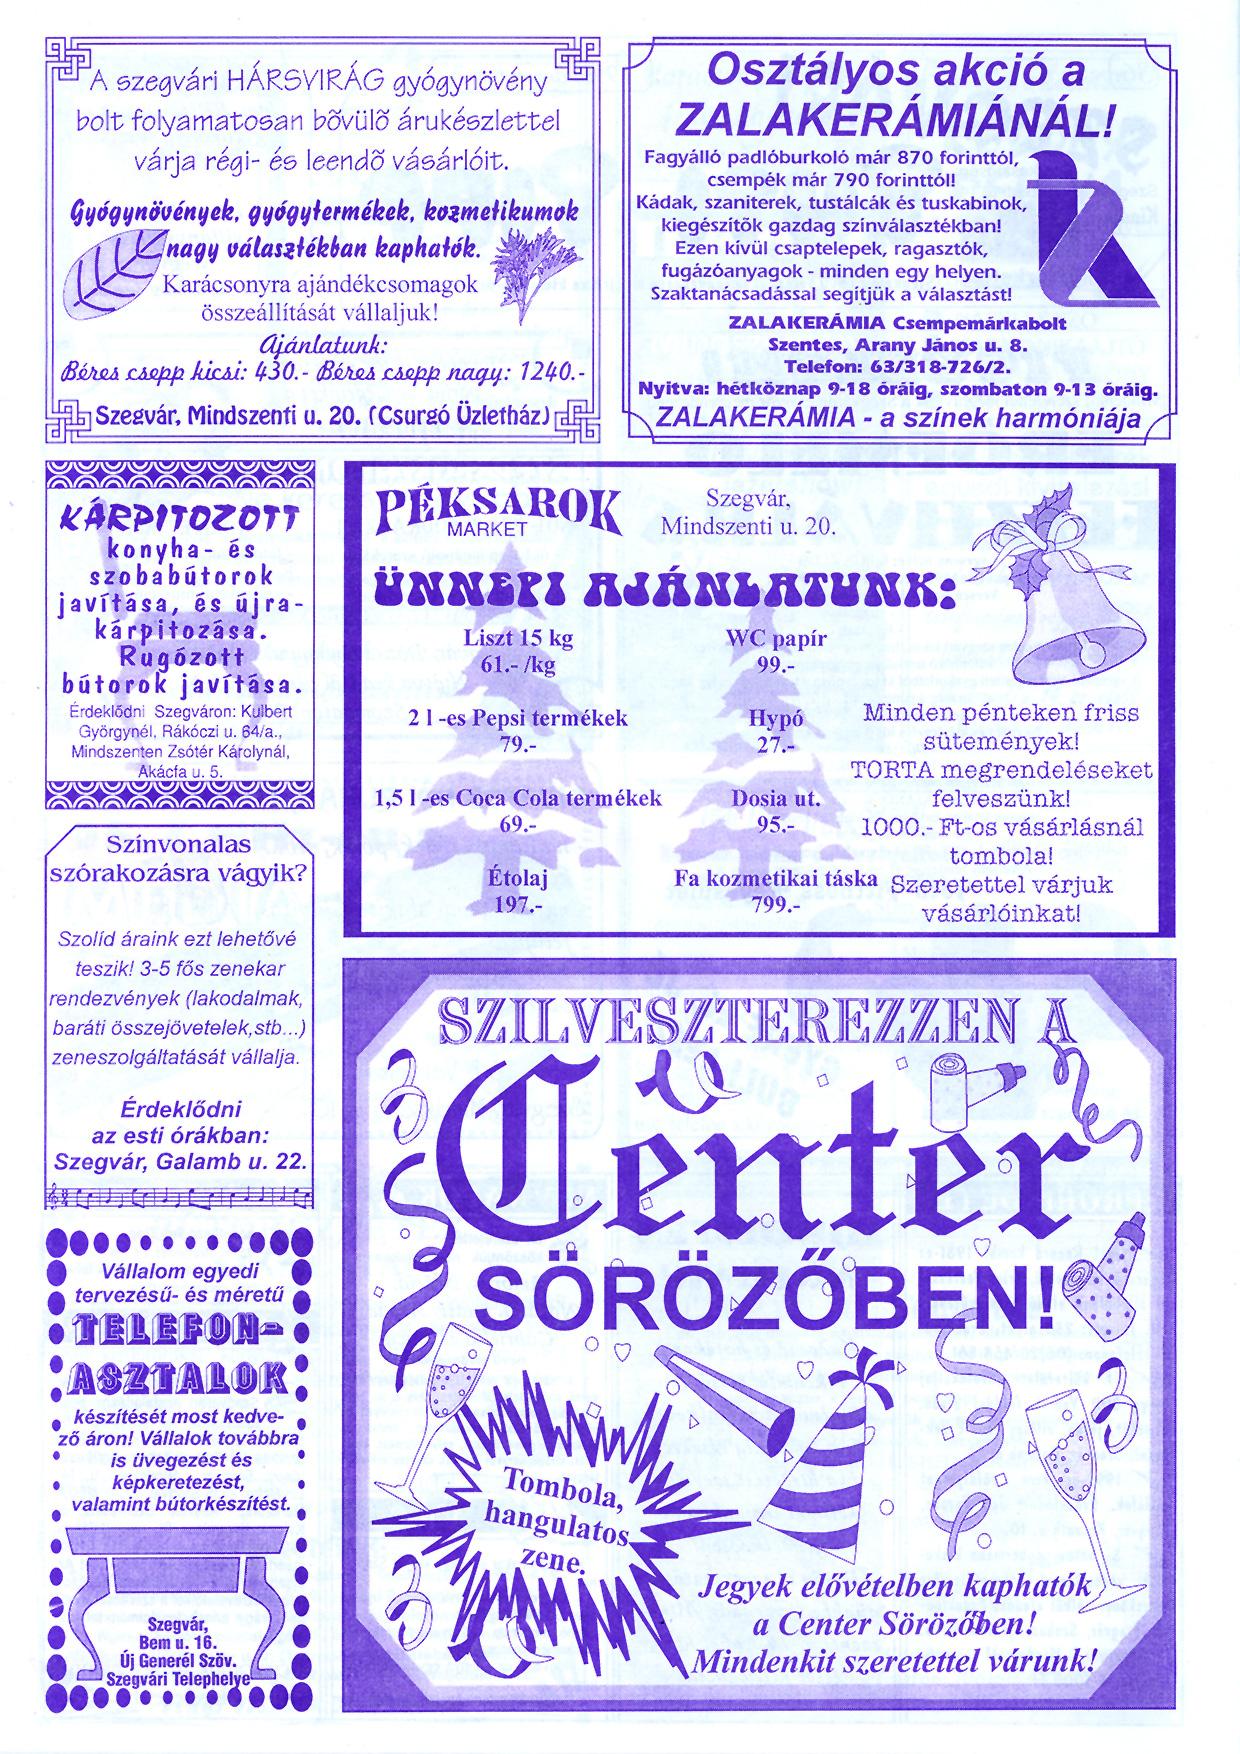 078 Szegvári Tuti Tipp reklámújság - 19961207-036. lapszám - 2.oldal - II. évfolyam.jpg